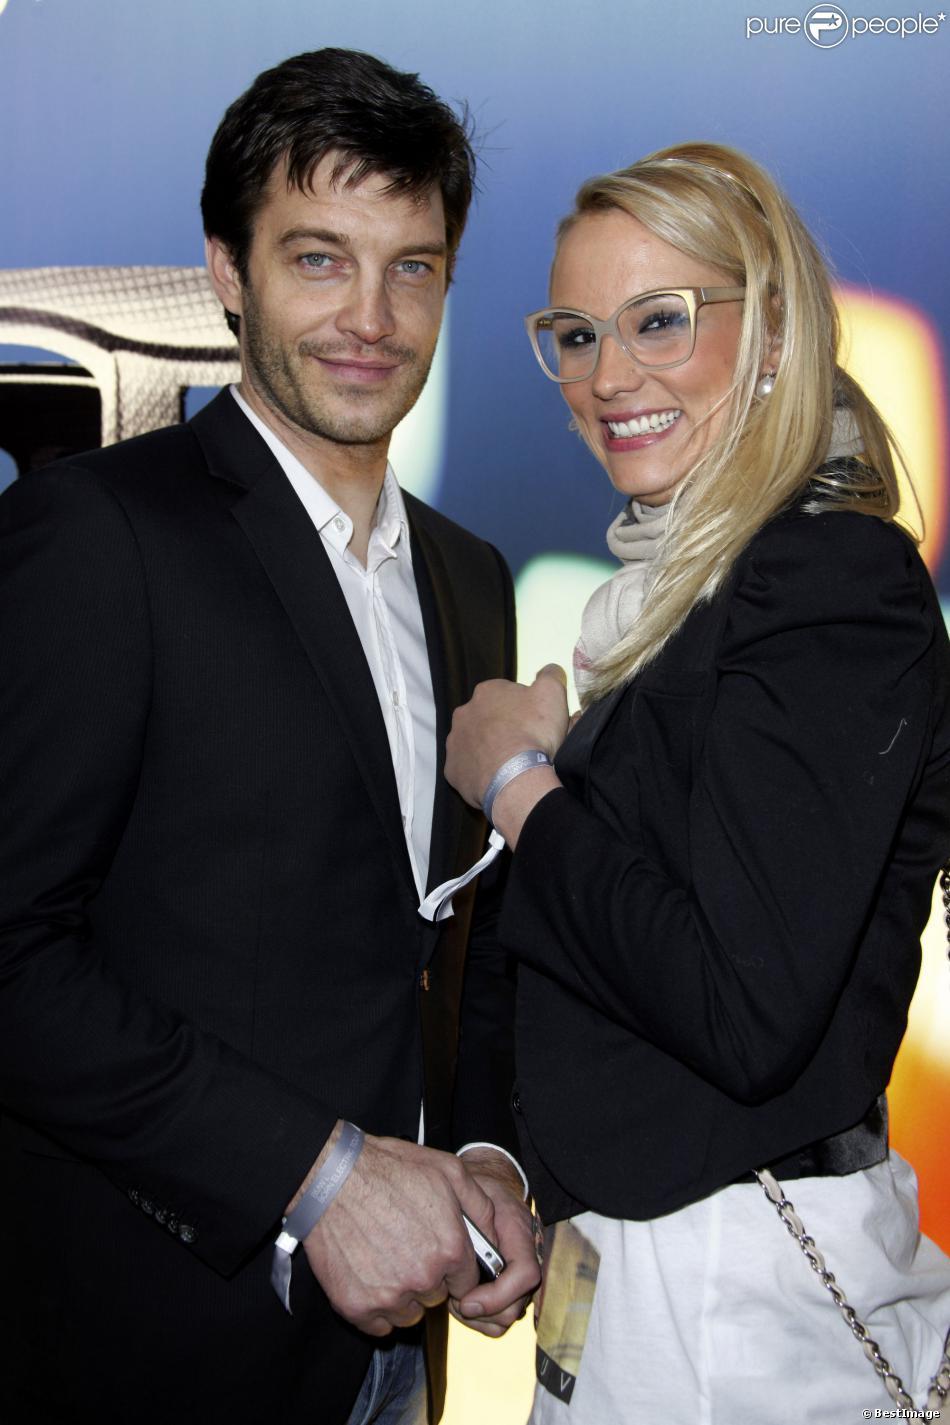 Elodie Gossuin et son mari Bertrand Lacherie à la soirée BMWi Borne Electric Tour à Paris. Le 3 avril 2013.